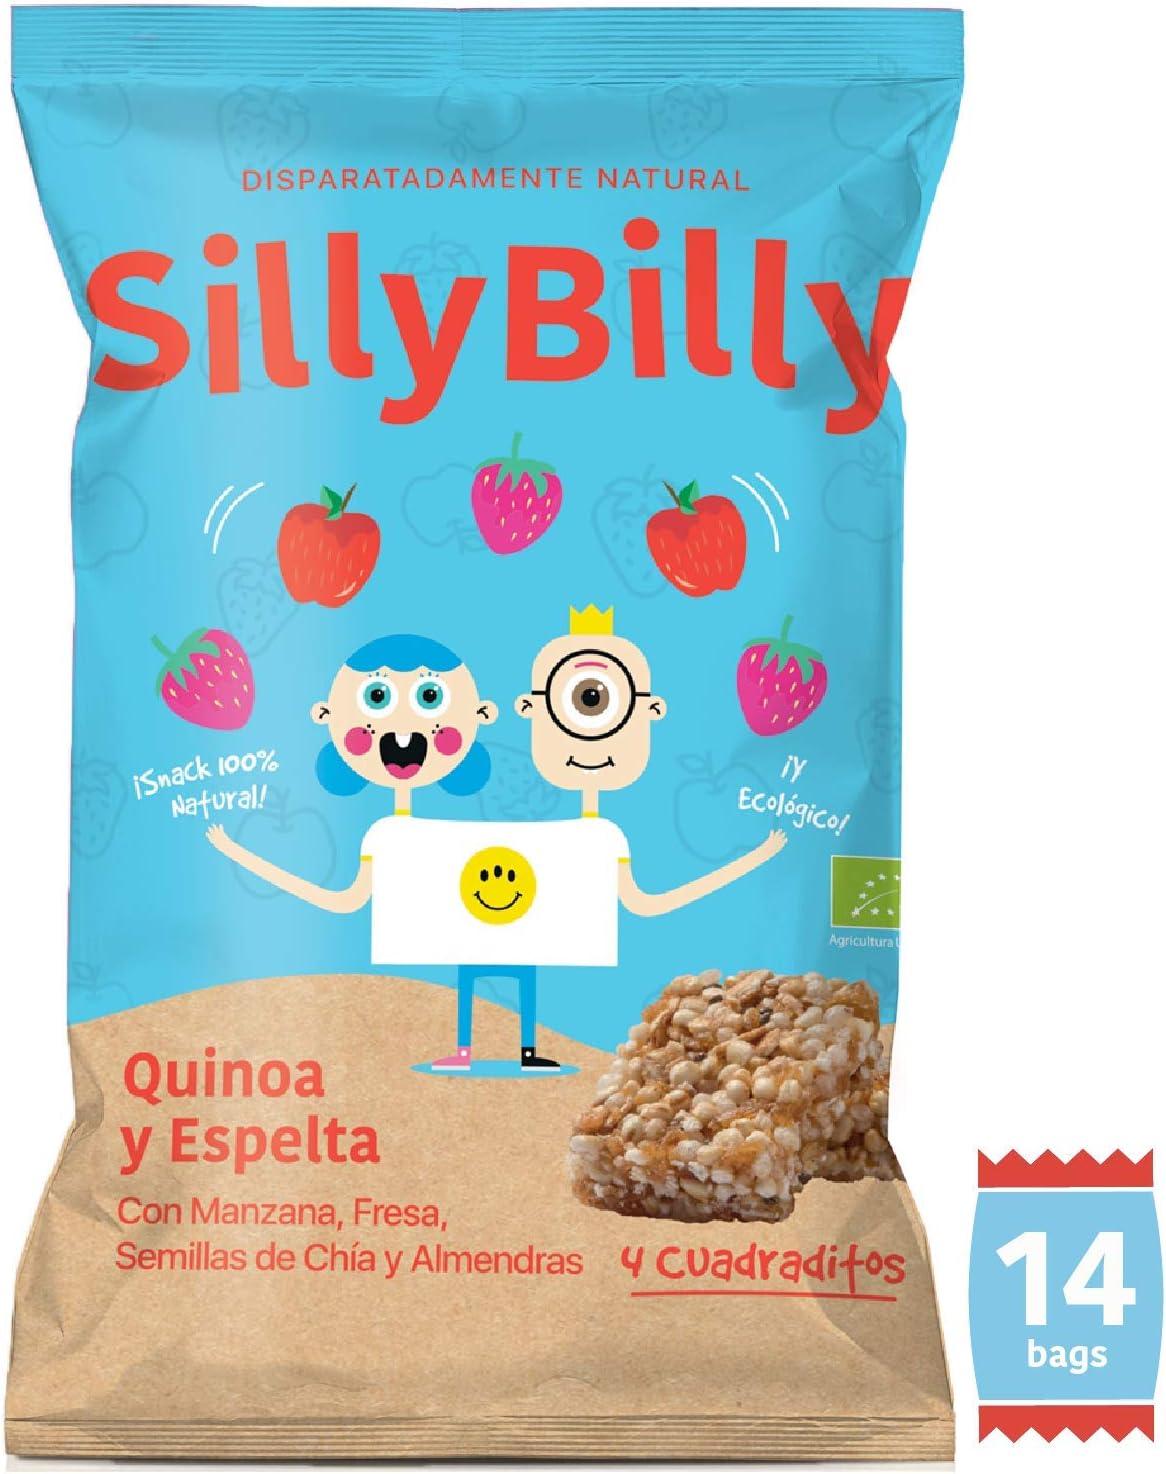 SillyBilly Cuadraditos horneados BIO de Quinoa, Espelta, Manzana, Fresa, Semillas de Chía y Almendras (Pack 14 X 24g): Amazon.es: Alimentación y bebidas